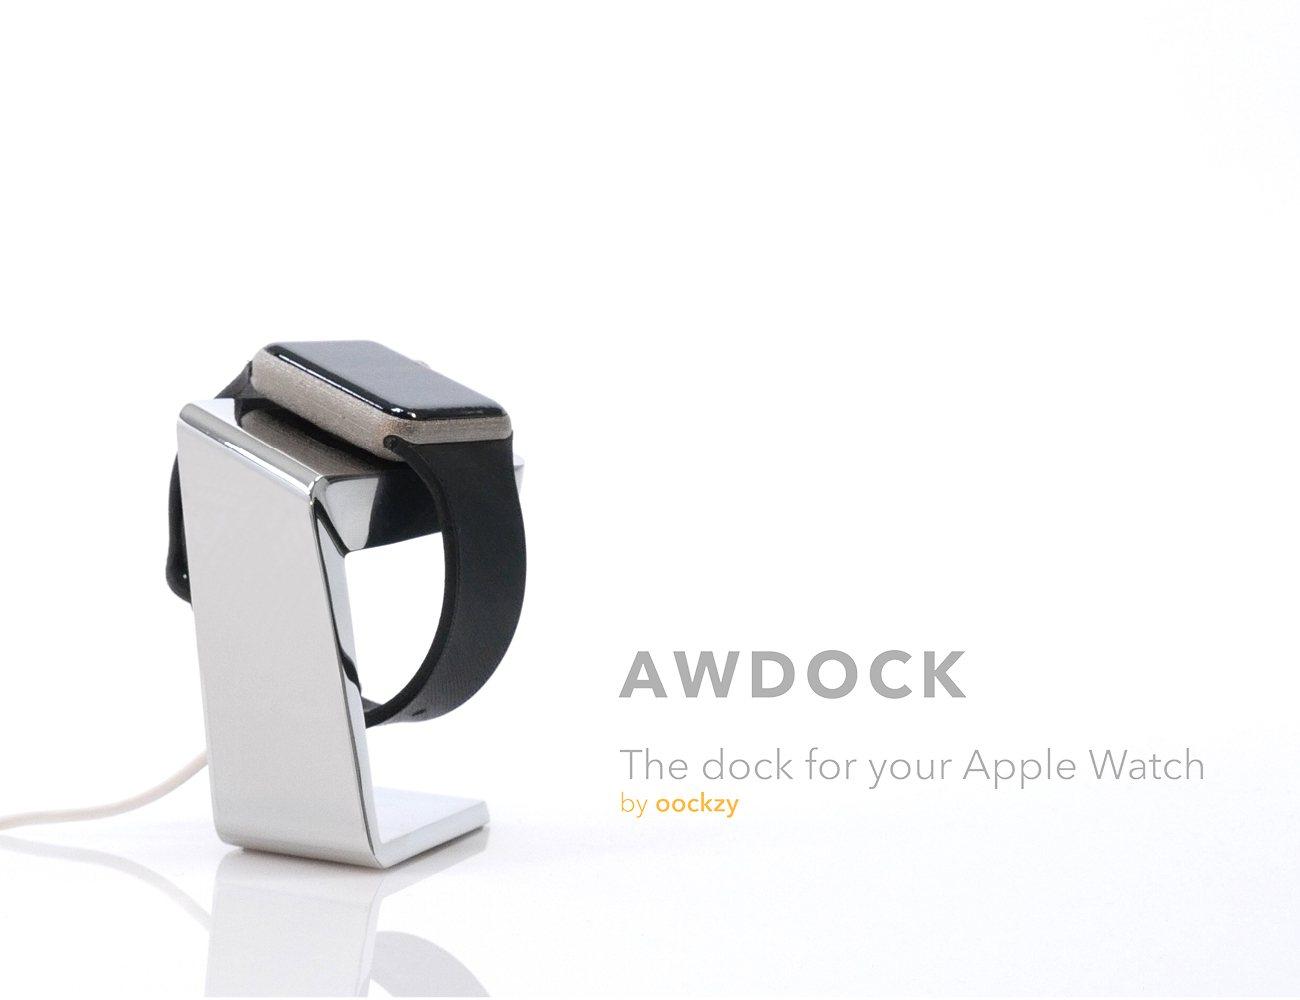 AWDock – Apple Watch Docking Station